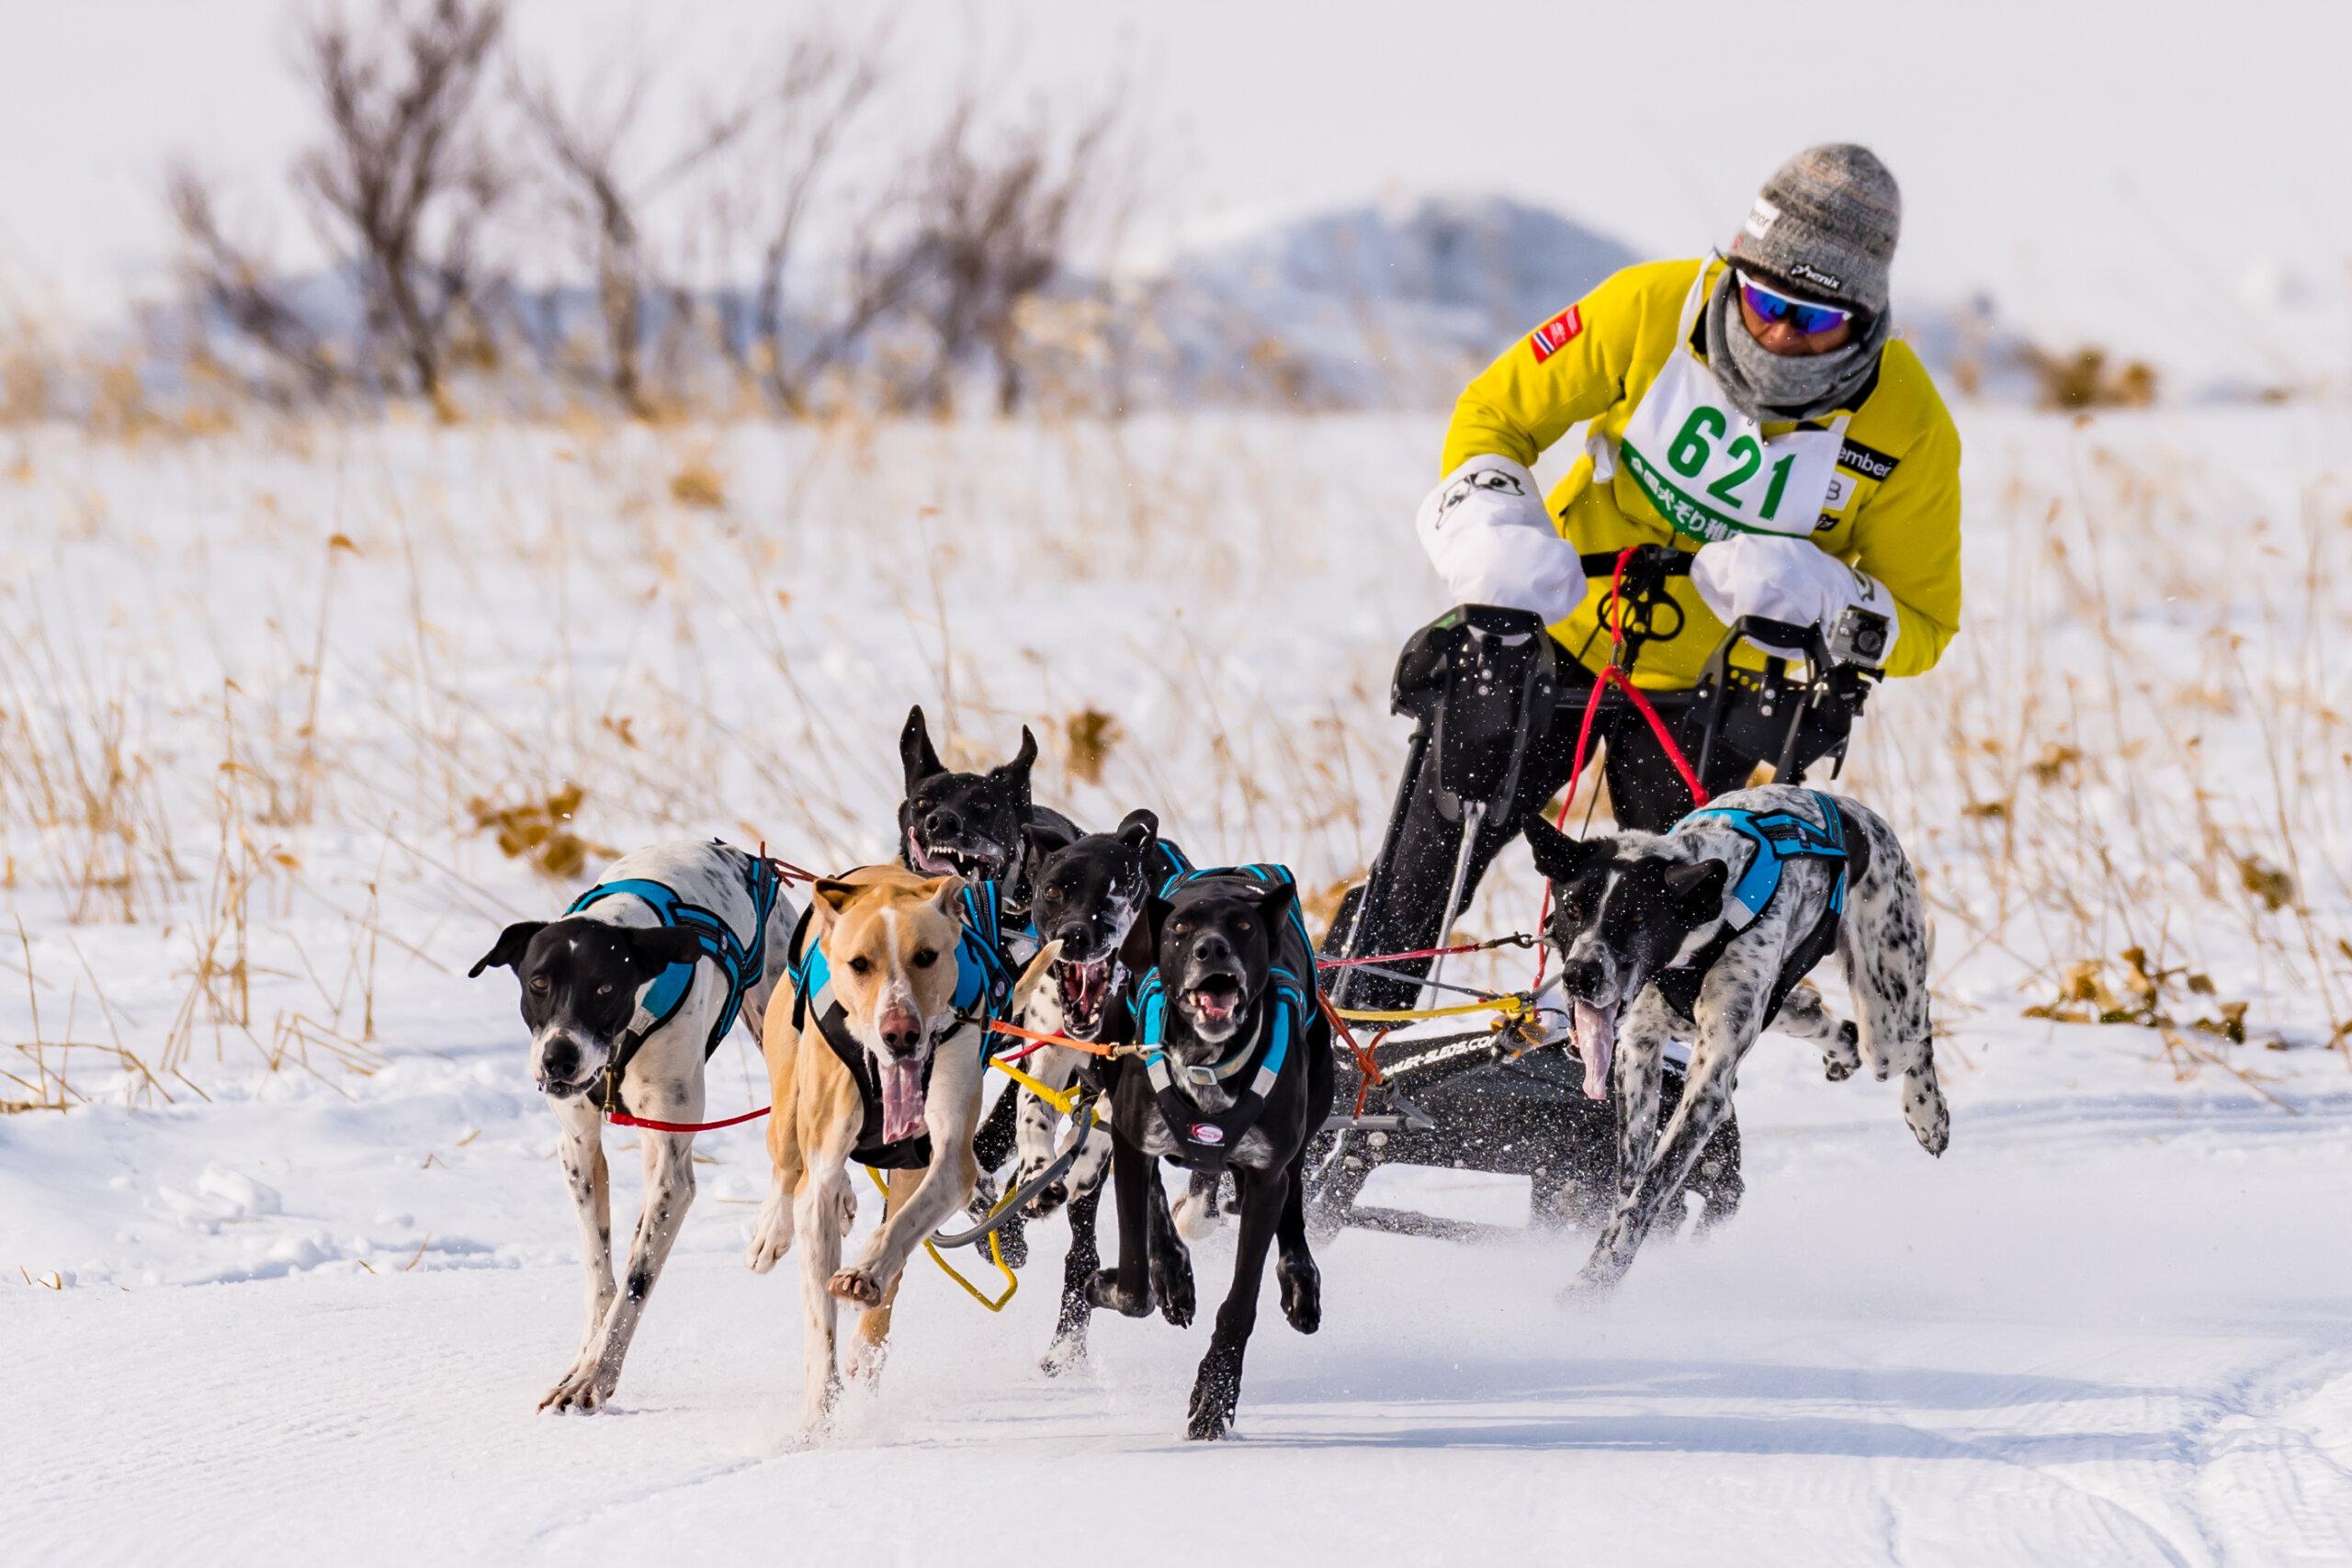 全國雪橇犬稚內大會:愛狗人士必訪!北方國家特有的冬季活動